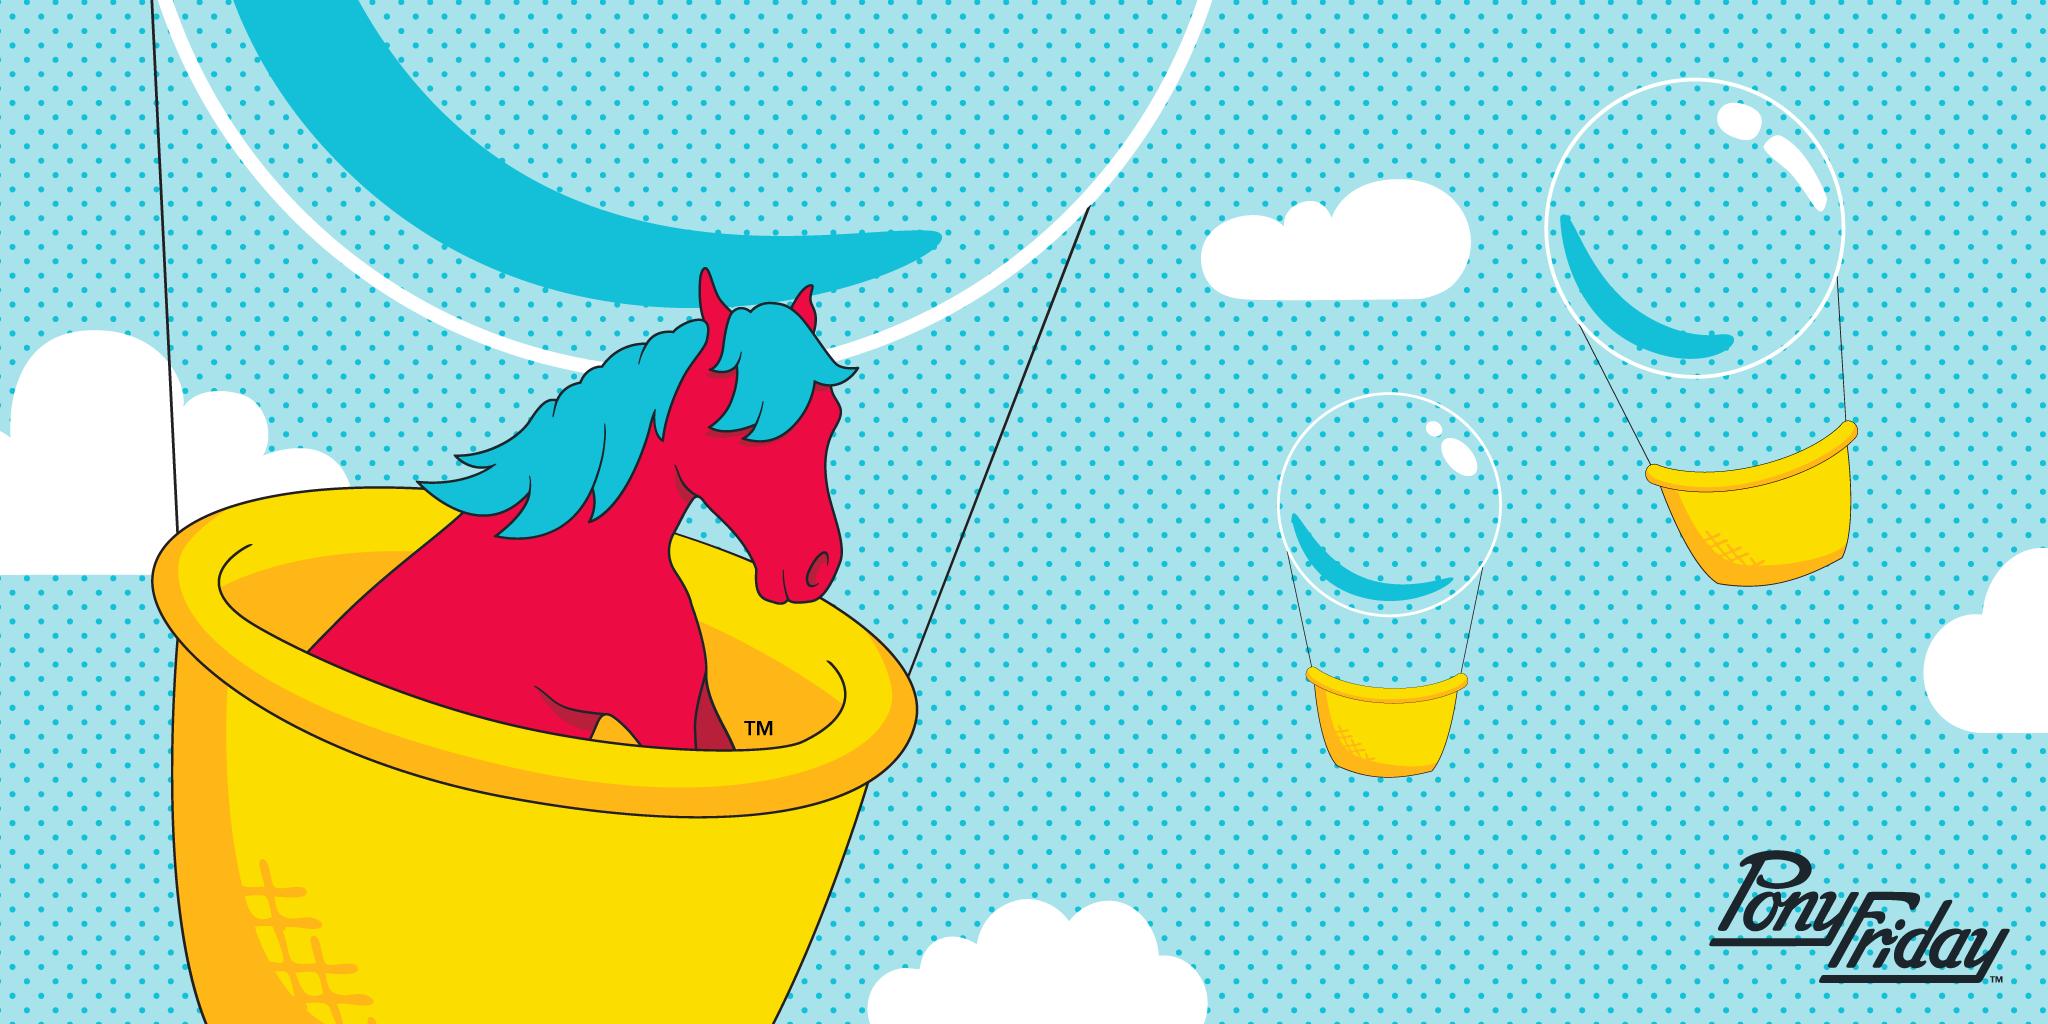 Pony-Friday-Hot-Air-Balloon-Creativity-Takes-Flight-Blog-Header-Image